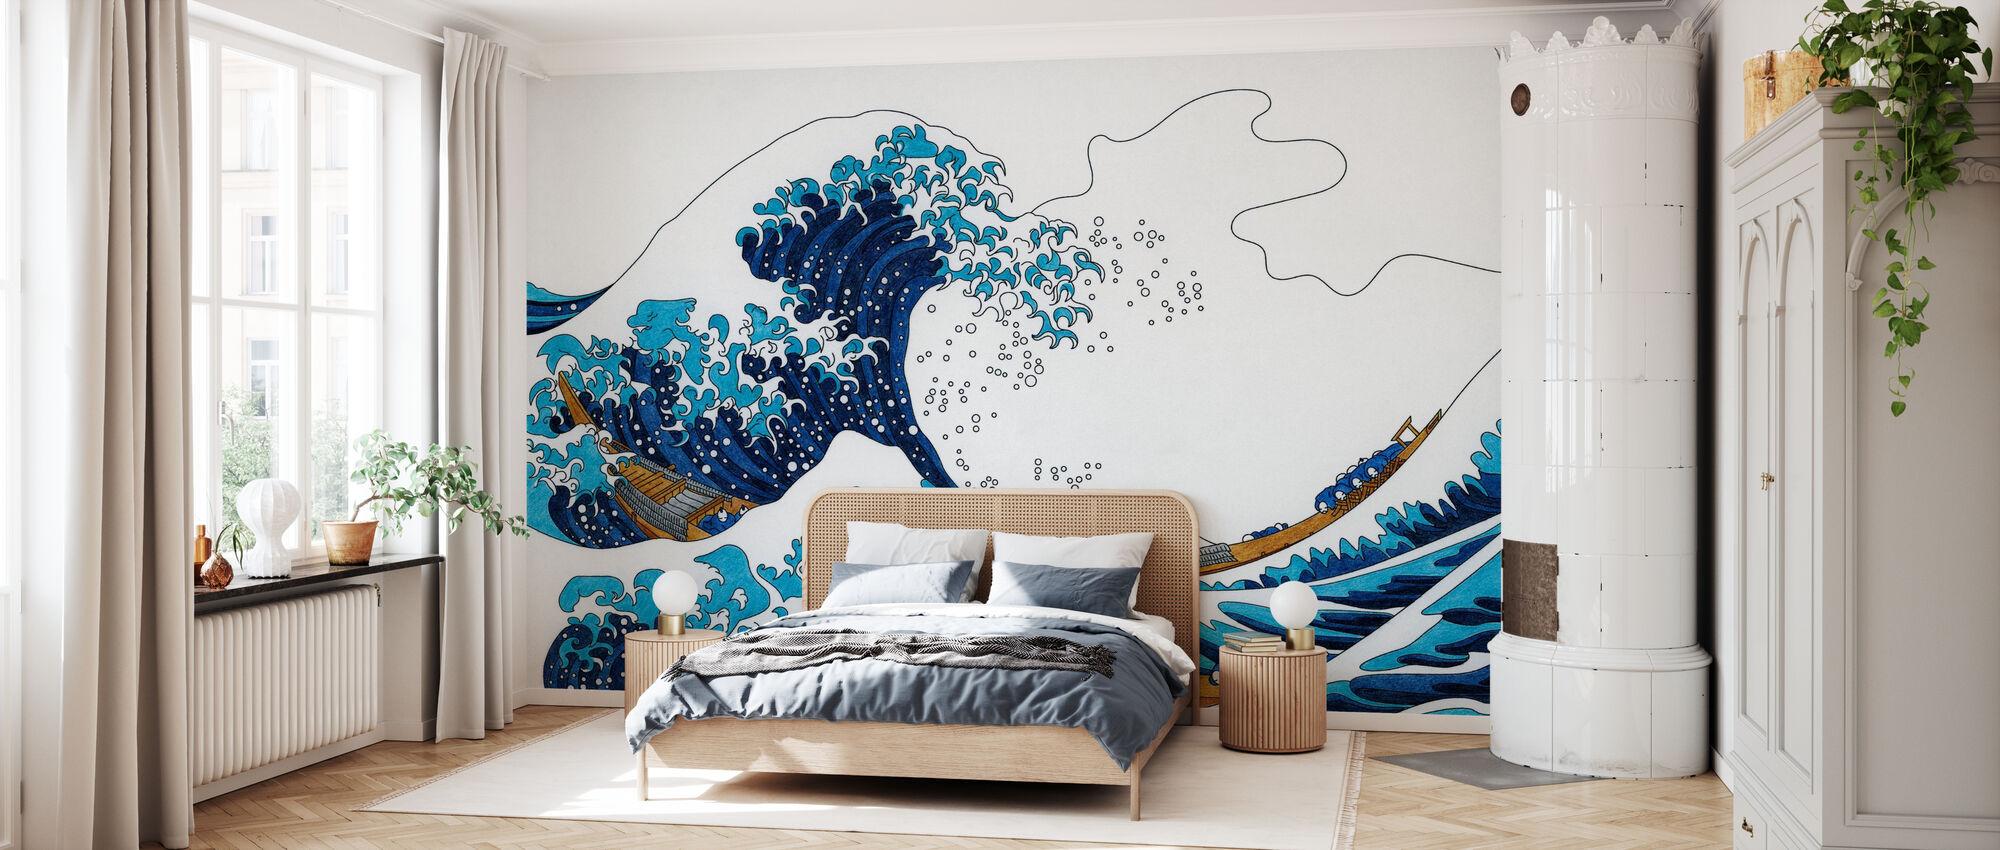 Great Wave of Kanagawa - Wallpaper - Bedroom